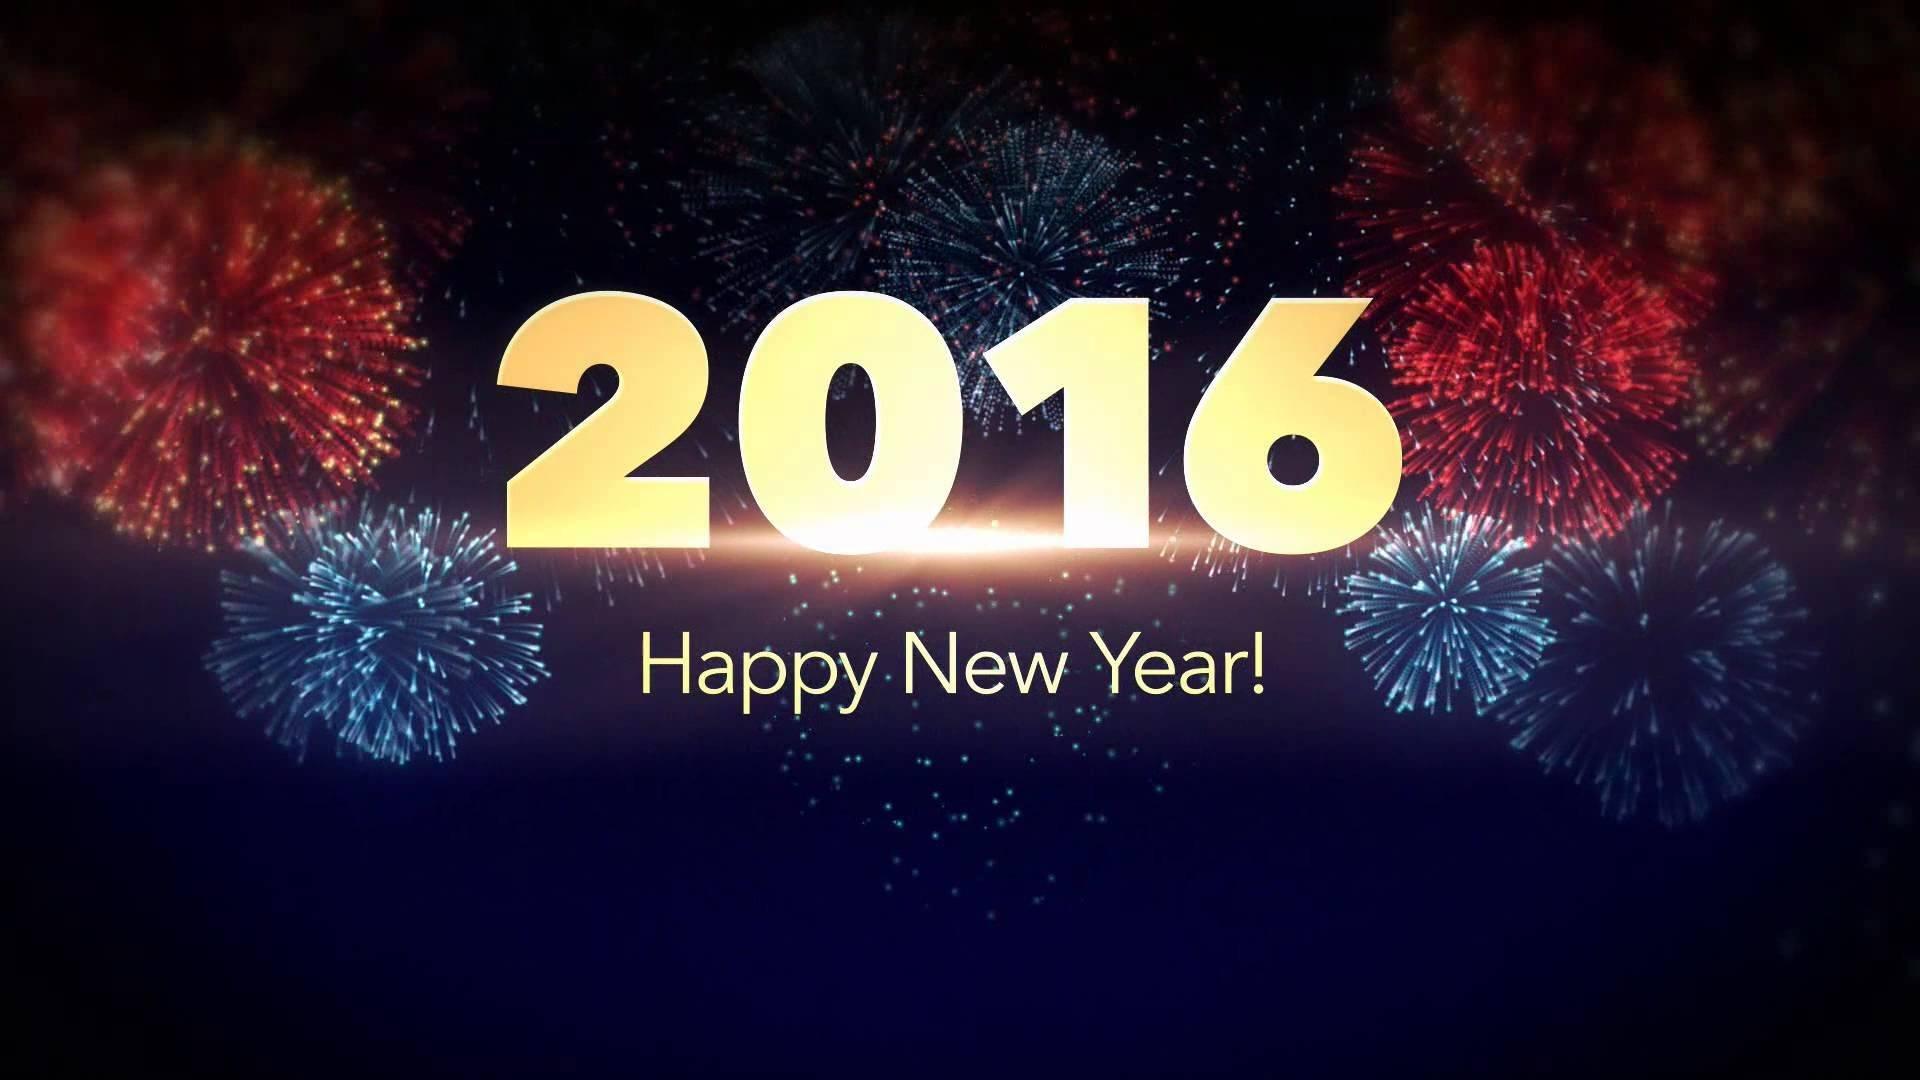 новый год 2016, фейерверк, год